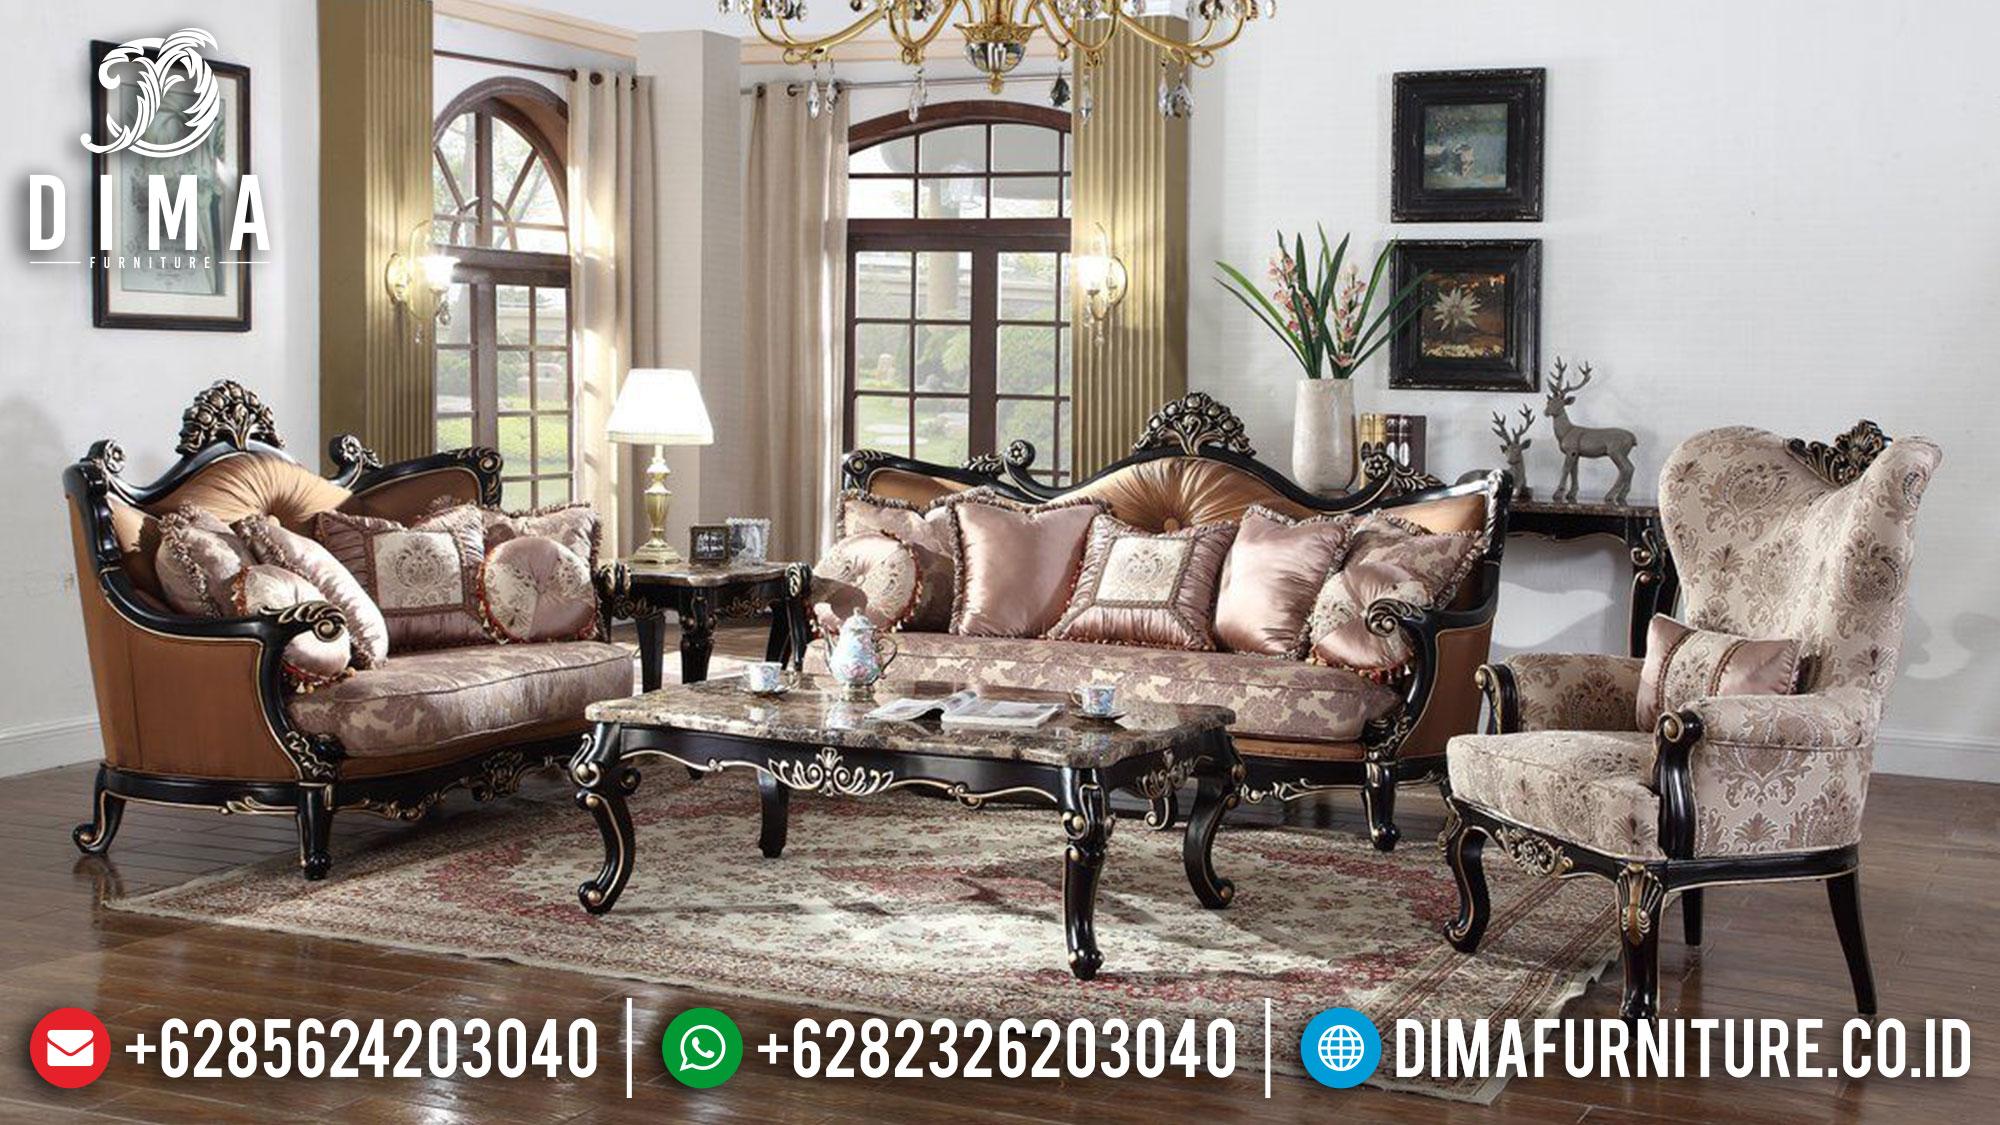 Sofa Tamu Mewah Klasik Jepara Luxury Elegant Design Jepara TTJ-1517